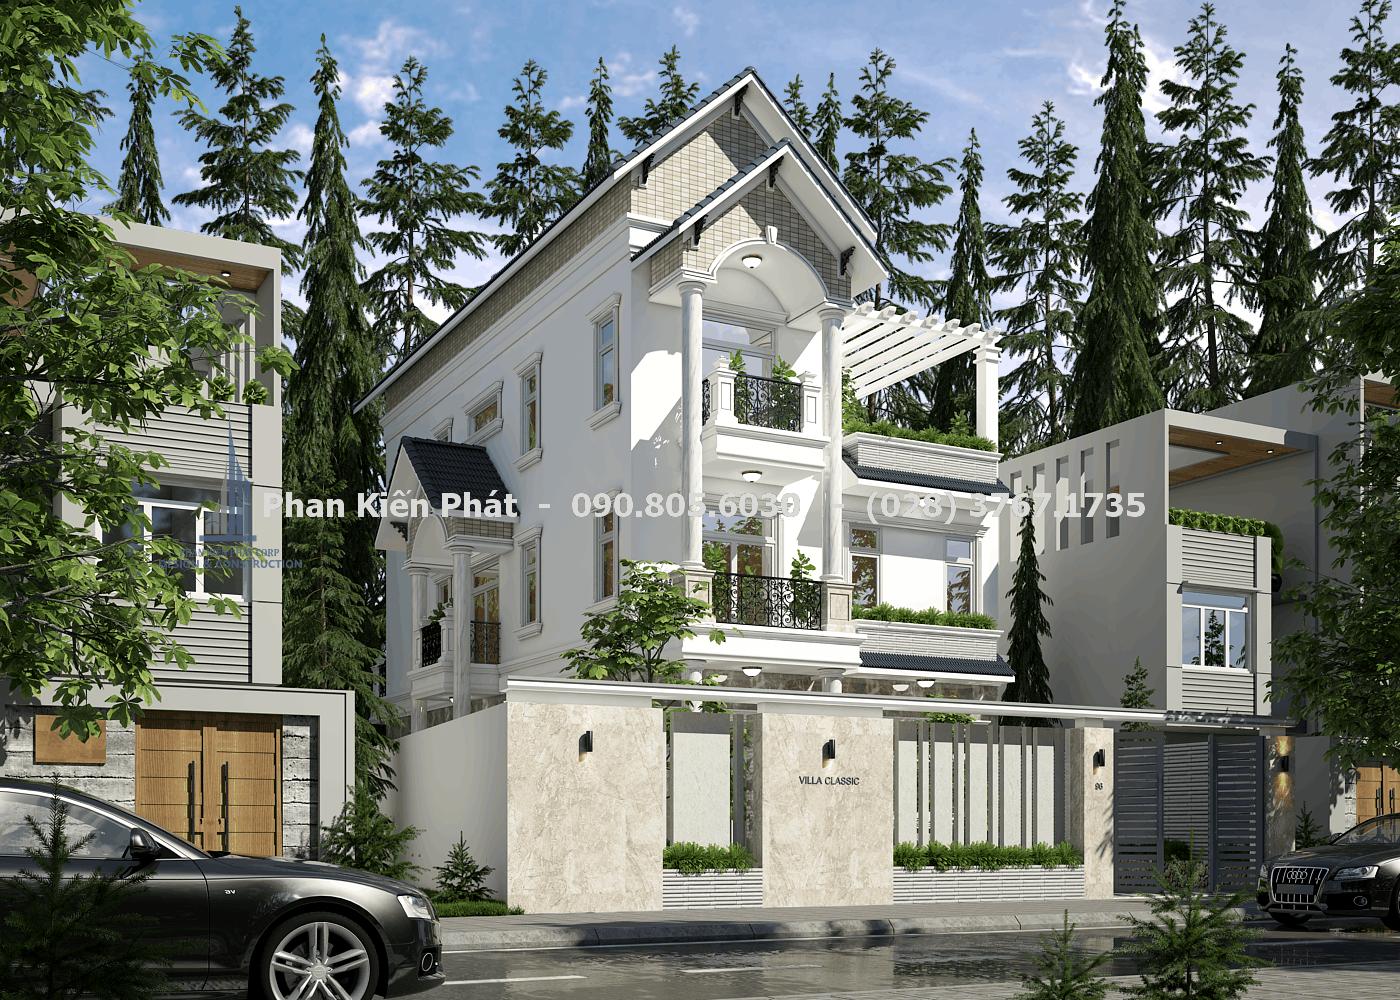 Mẫu thiết kế biệt thự 3 tầng mái thái cổ điển đẹp